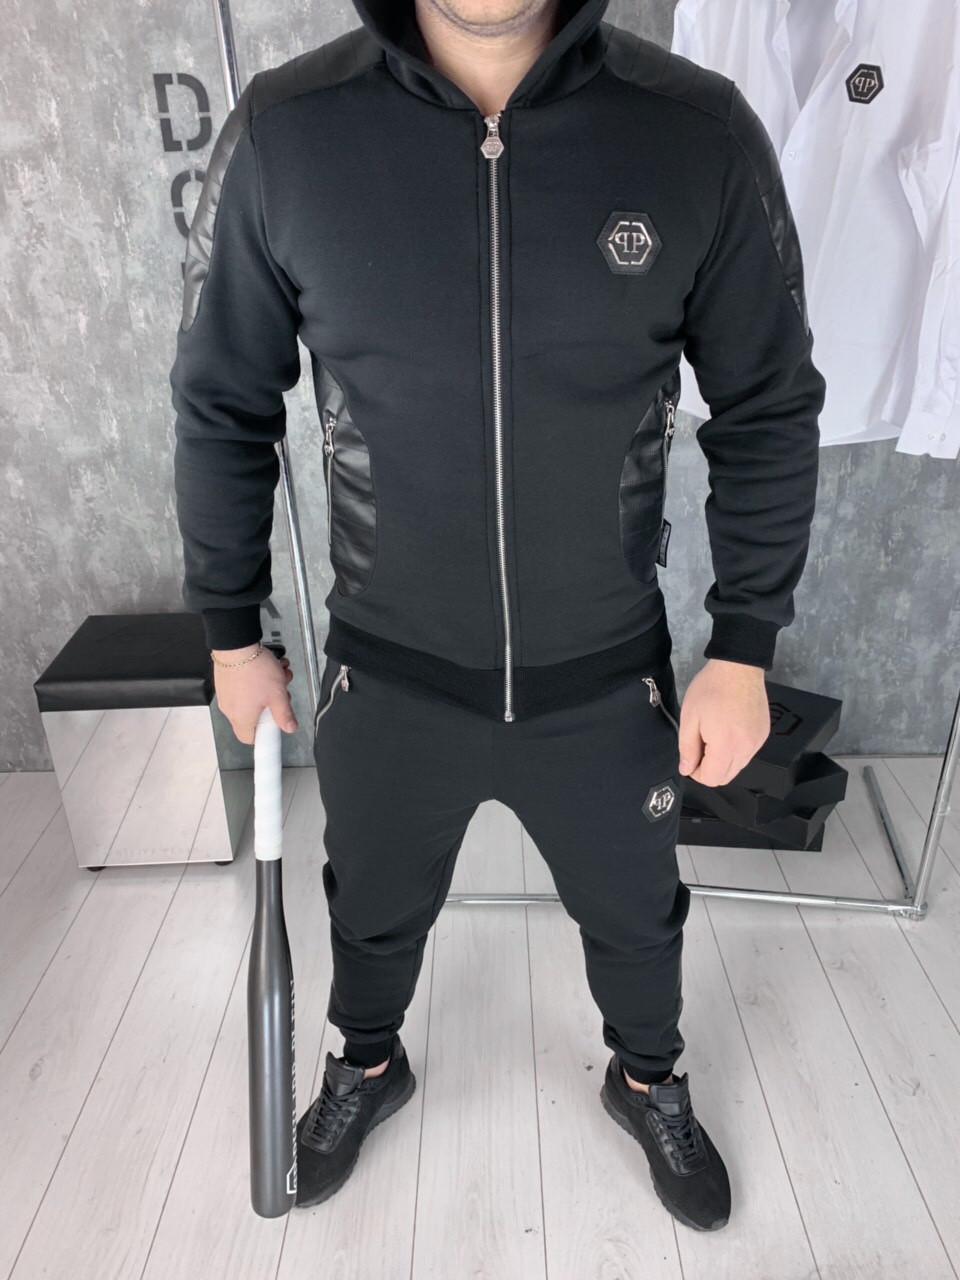 28eef733 Спортивный костюм Philipp Plein D2681 черный теплый - Брендовая одежда от  интернет-магазина «Trendy